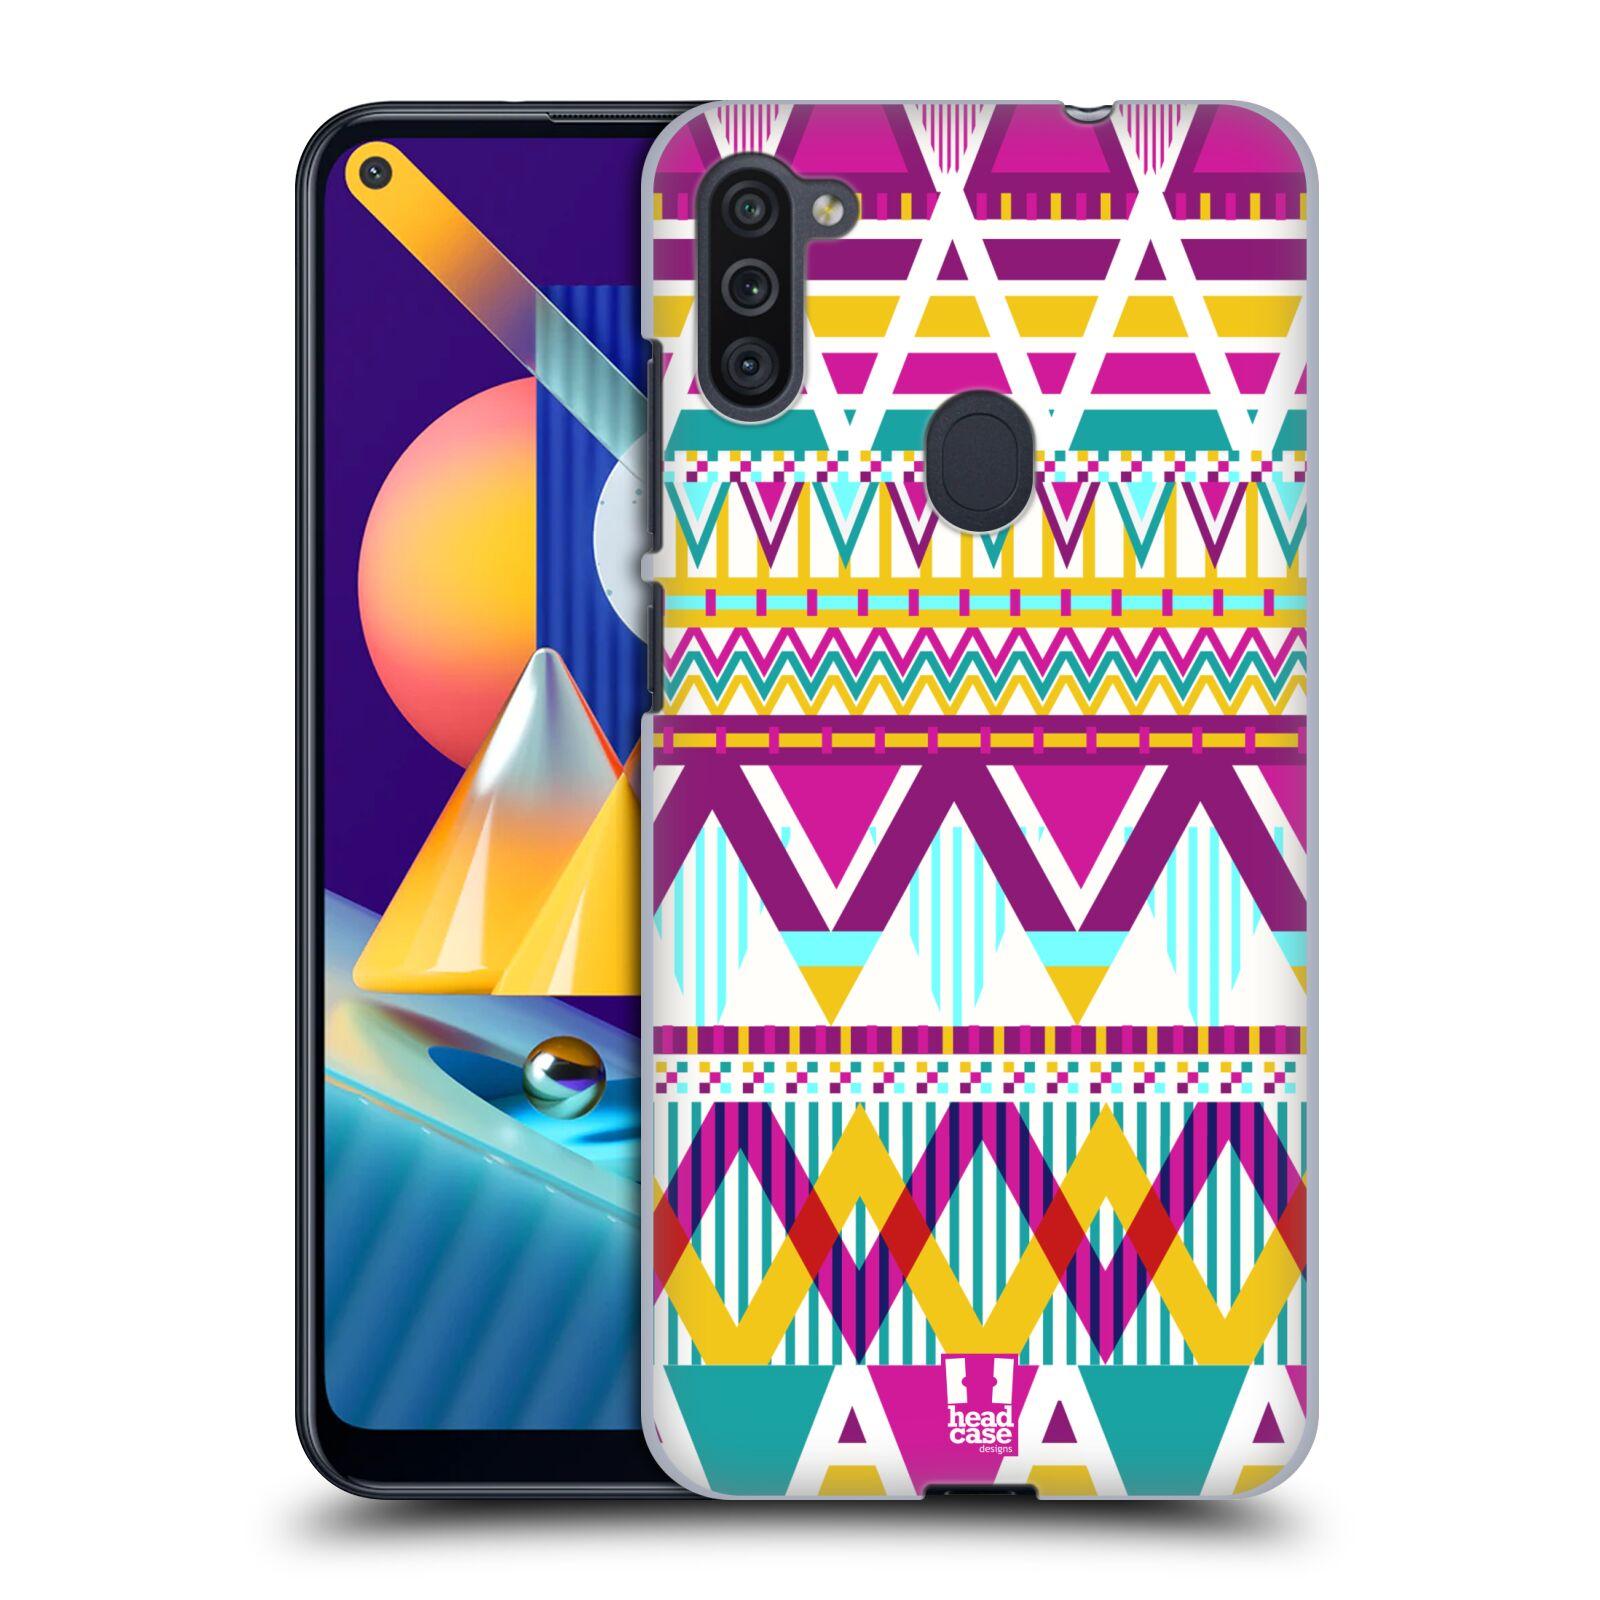 Plastové pouzdro na mobil Samsung Galaxy M11 - Head Case - AZTEC SUGARED